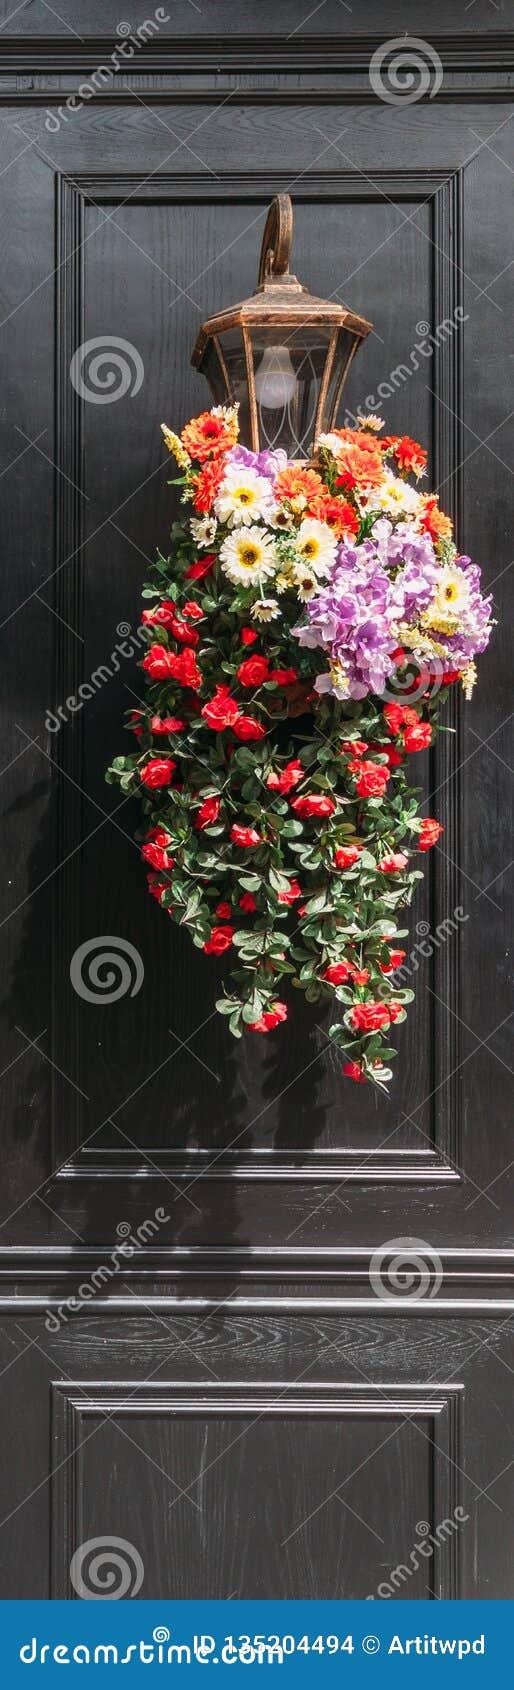 Fiori decorati sulla lampada con la parete di legno dipinta nera nel fondo